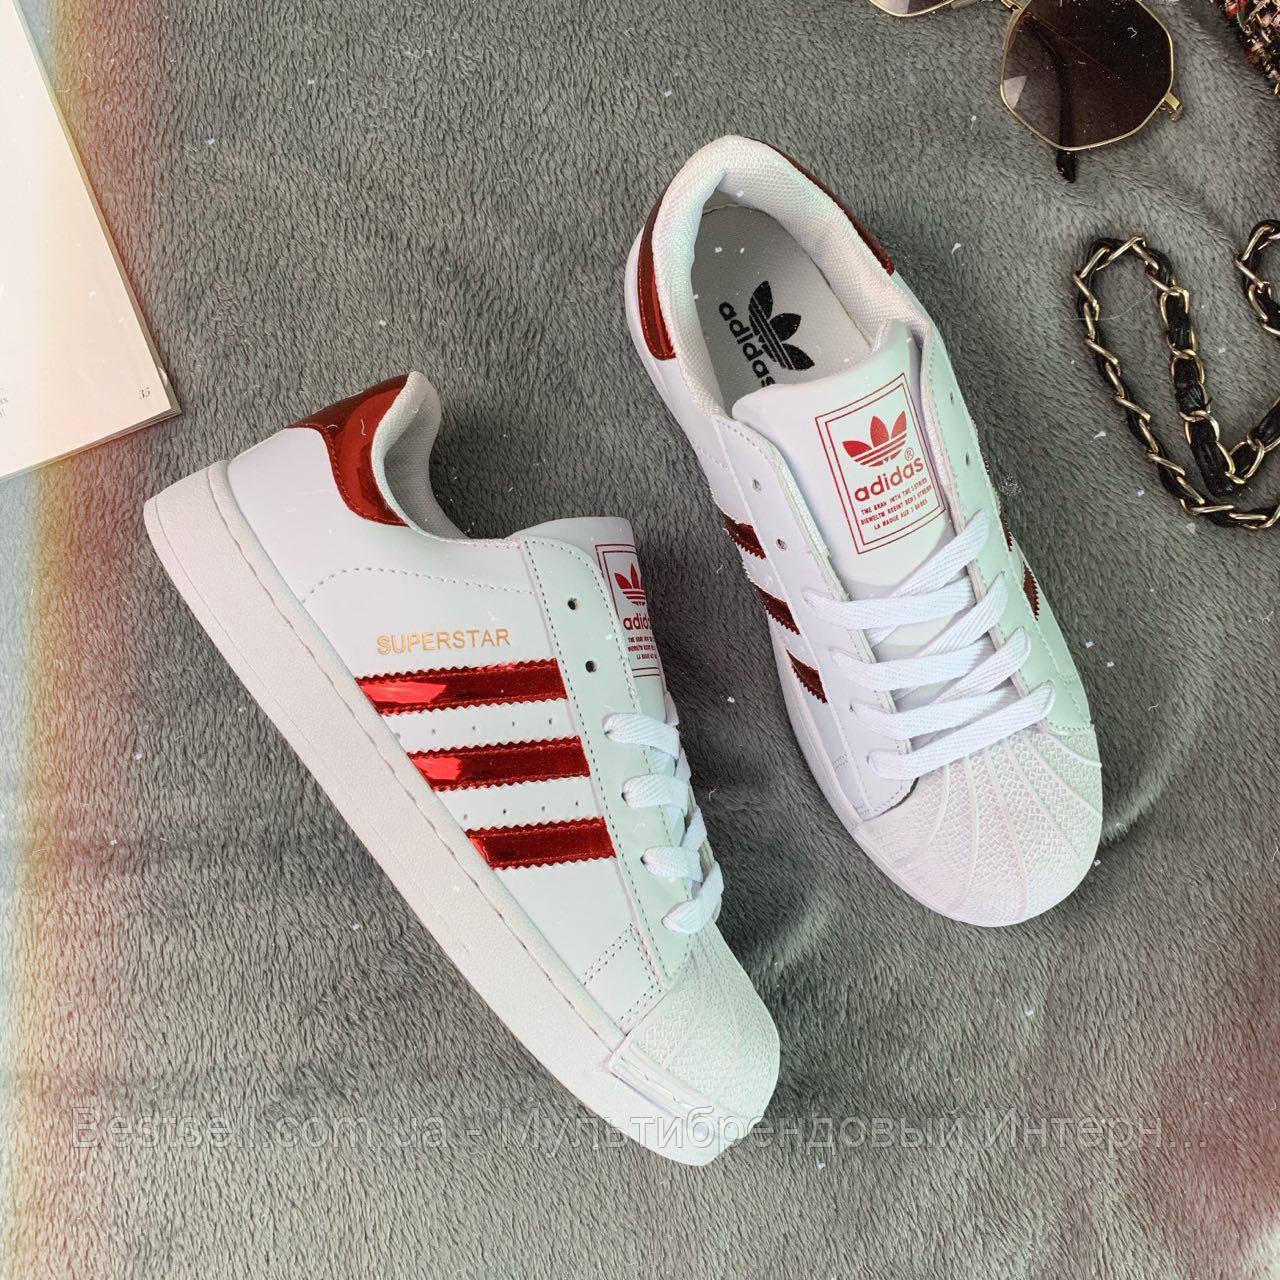 Кросівки жіночі Adidas Superstar 0003 ⏩ [ 40 останній размаер]